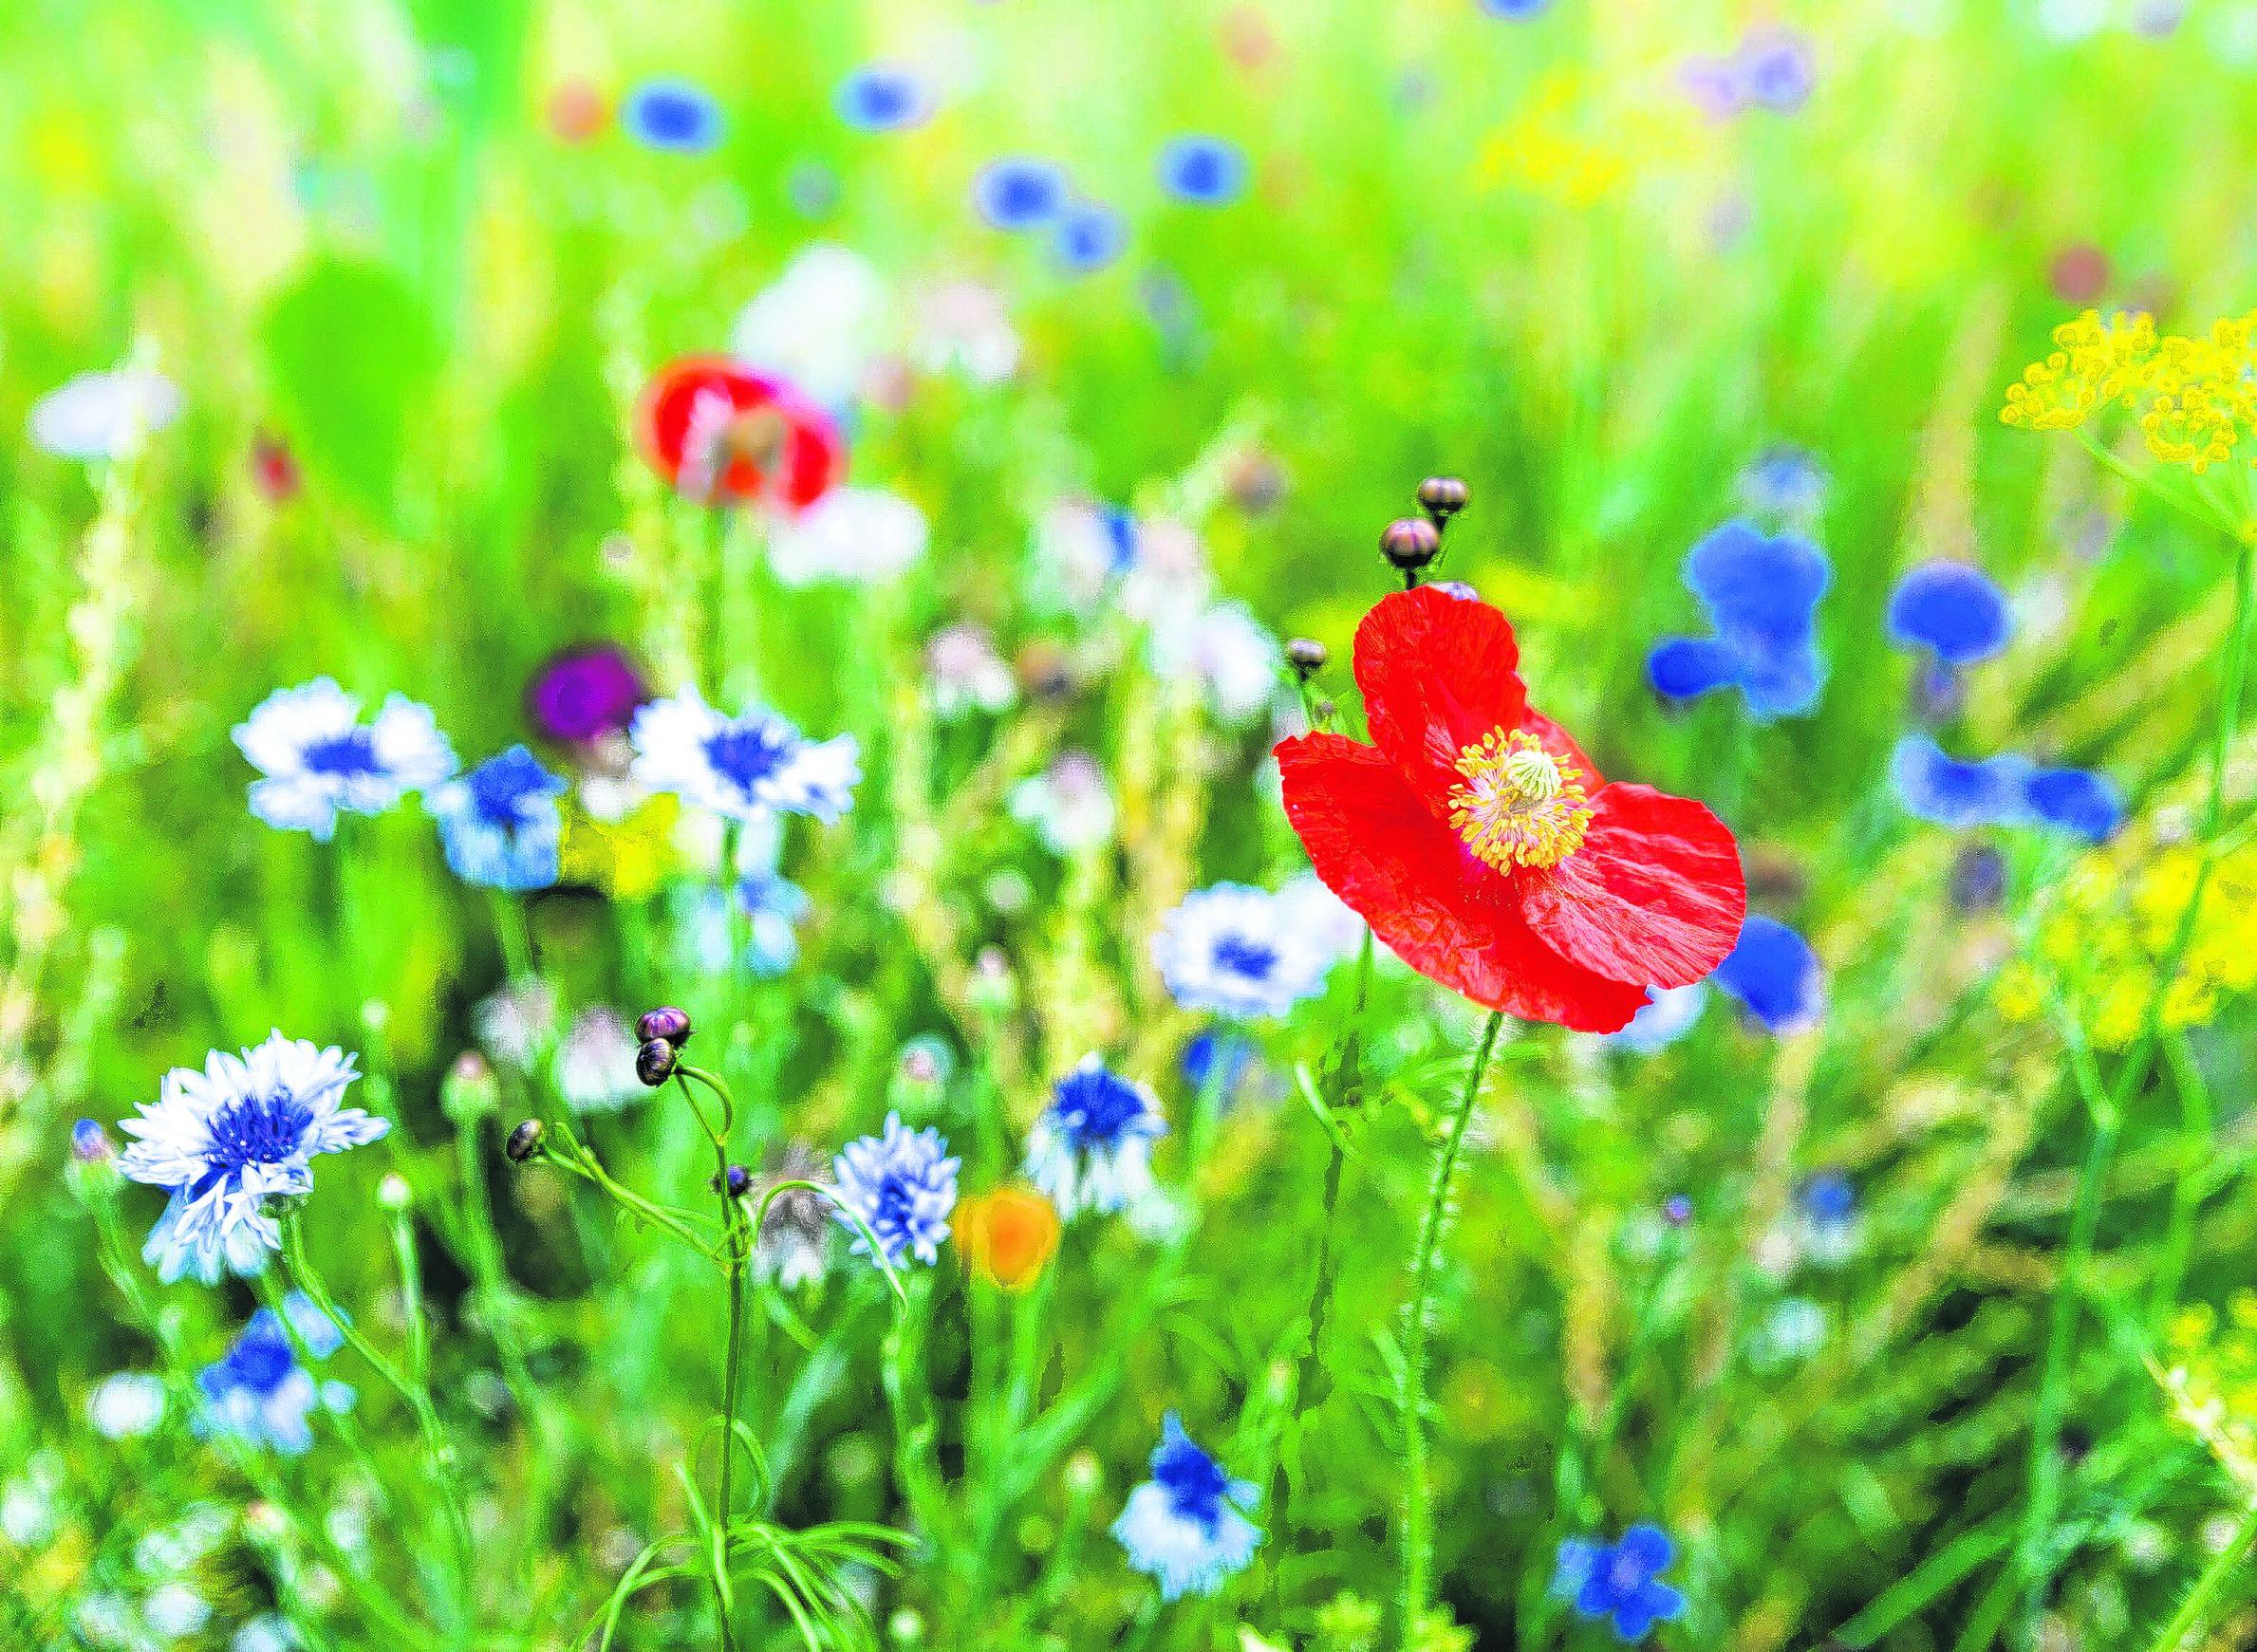 Lichtenberg lässt seine Blumen blühen